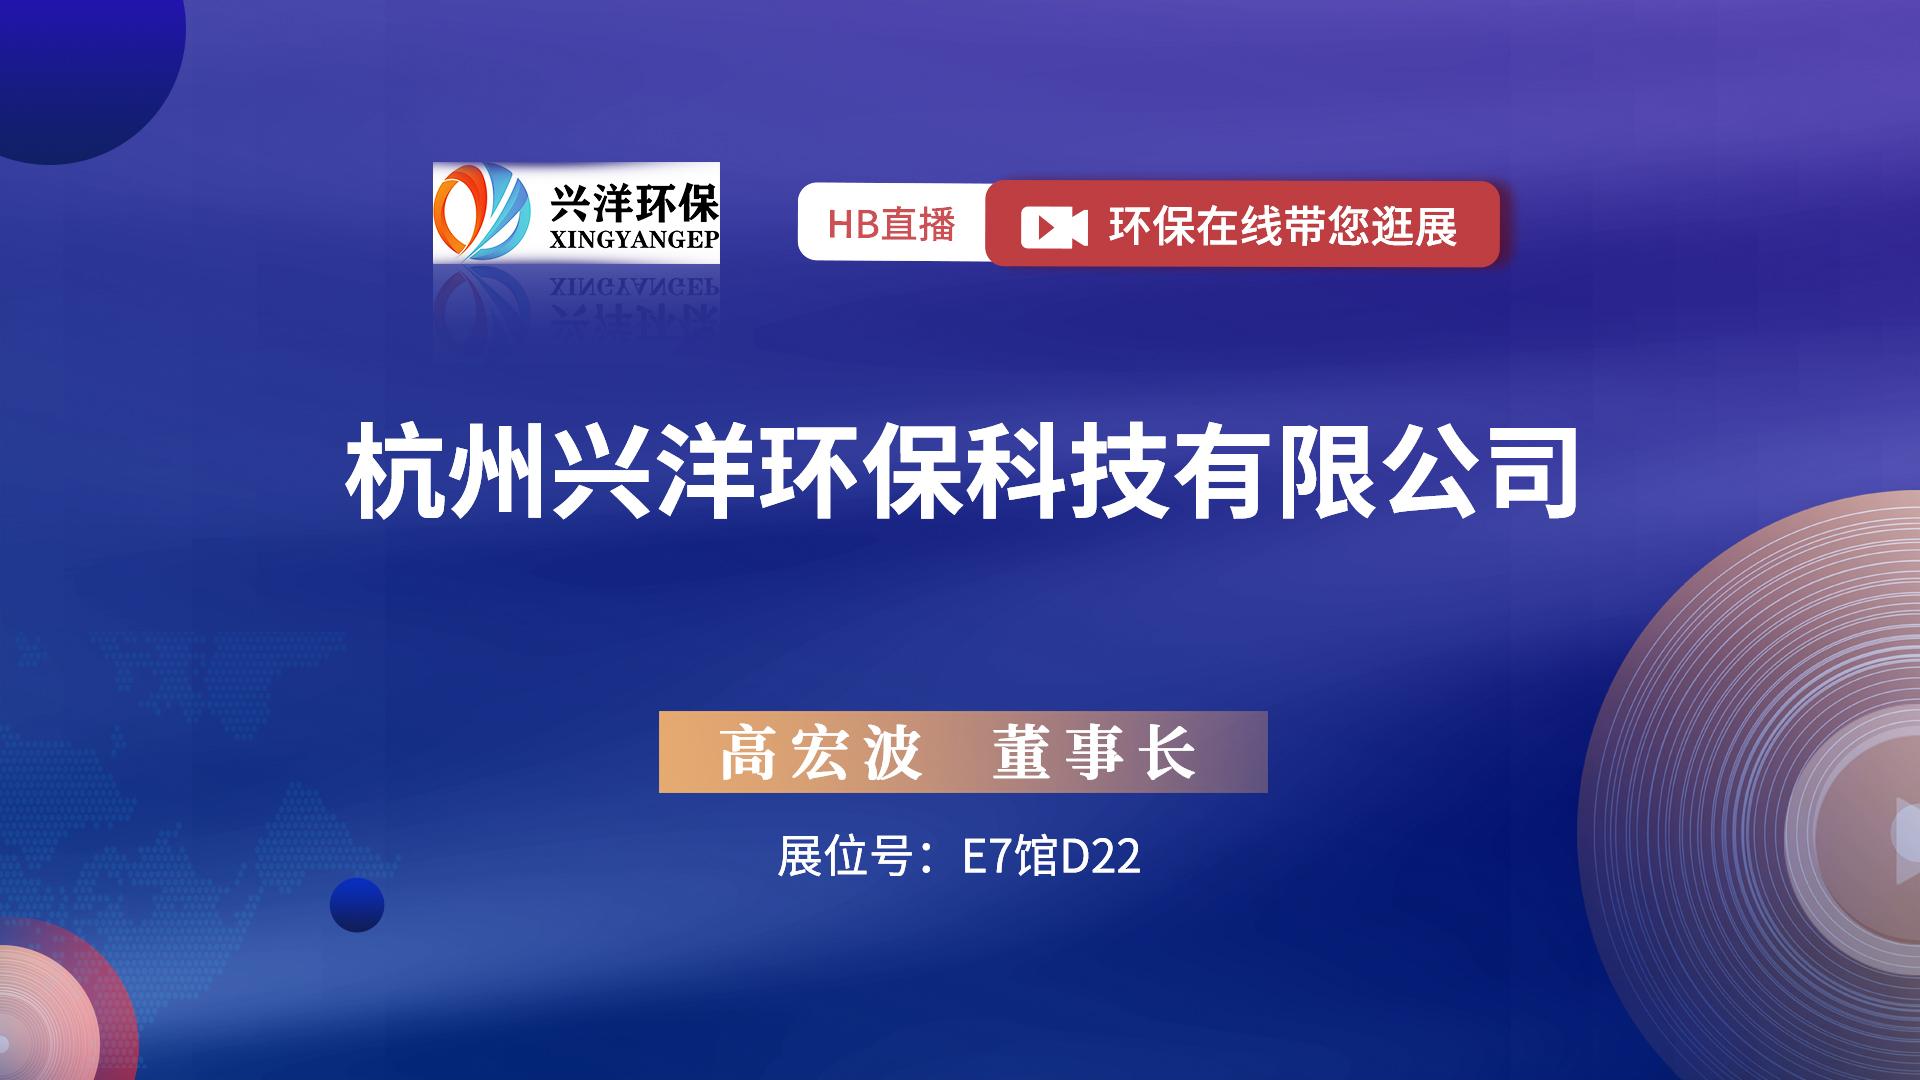 展臺位于E7館D22 杭州興洋環保亮相中國環博會